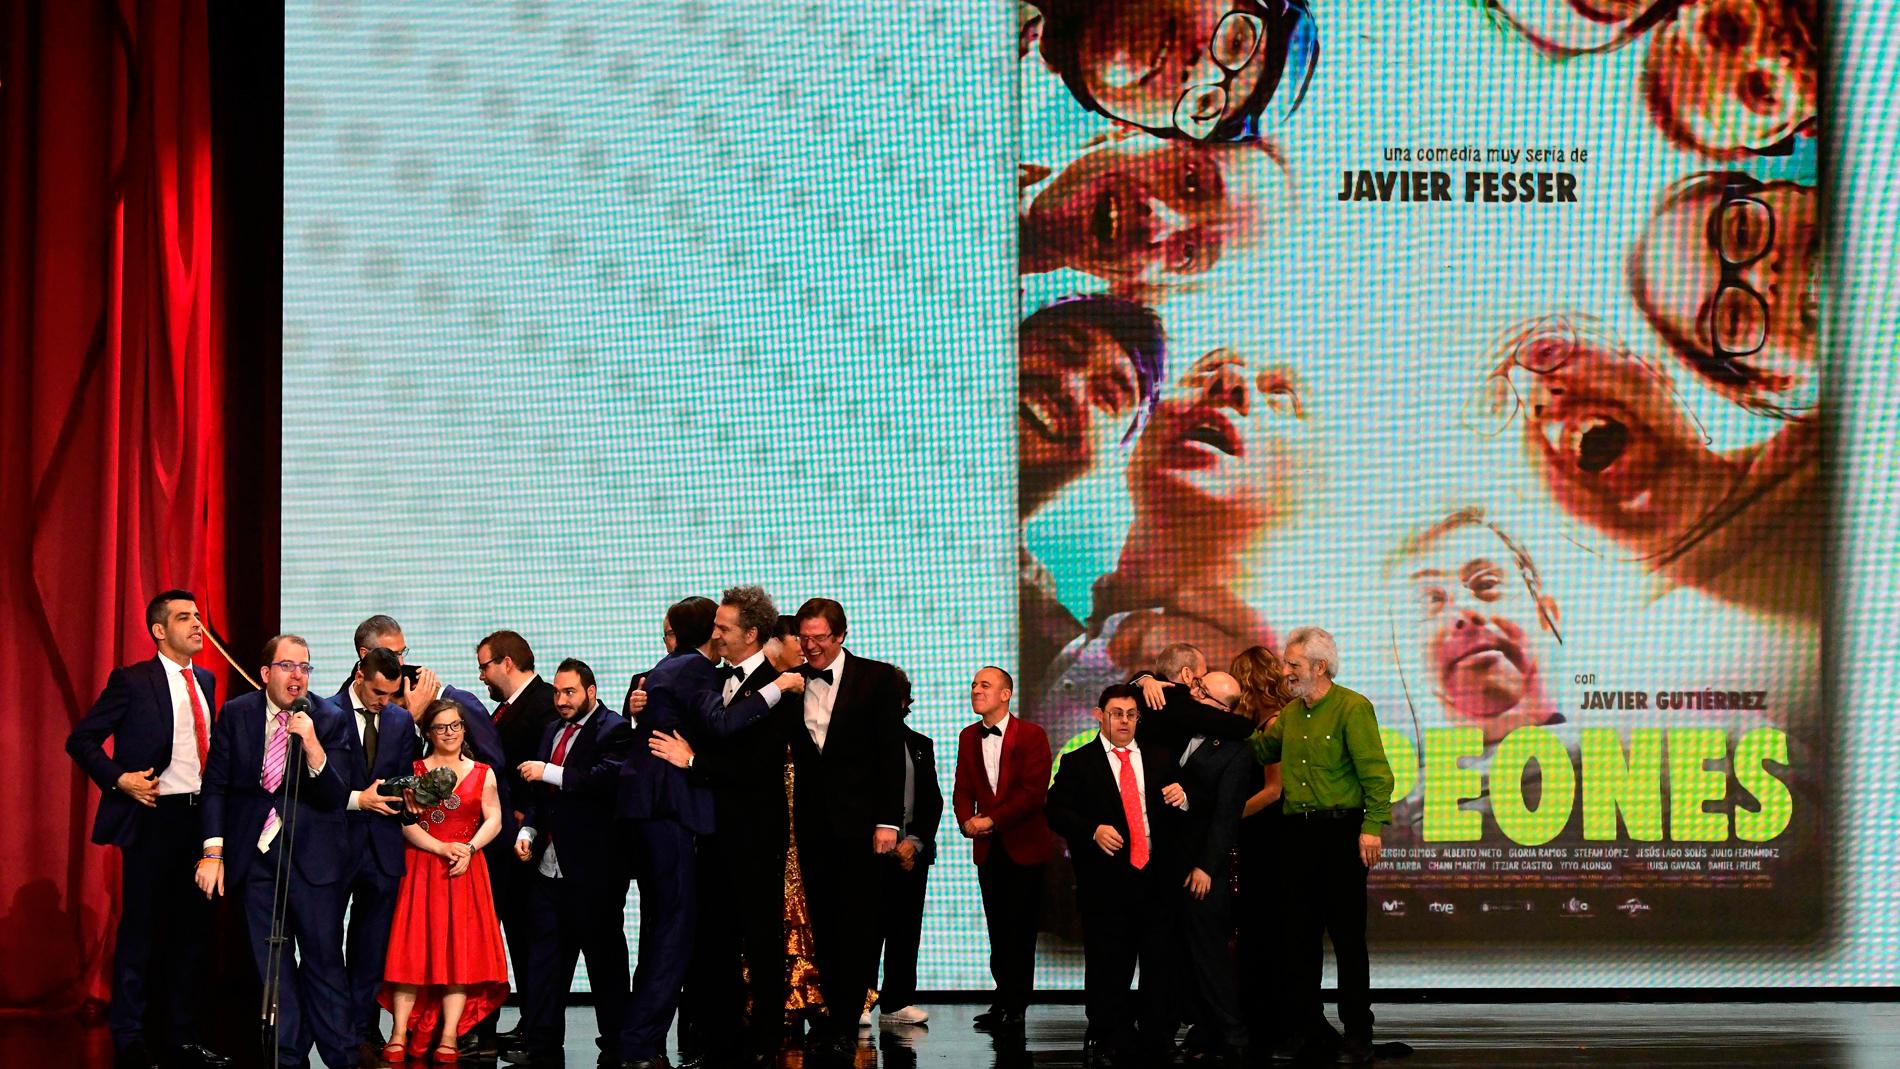 Los campeones de Fesser se llevan el Goya a la mejor película